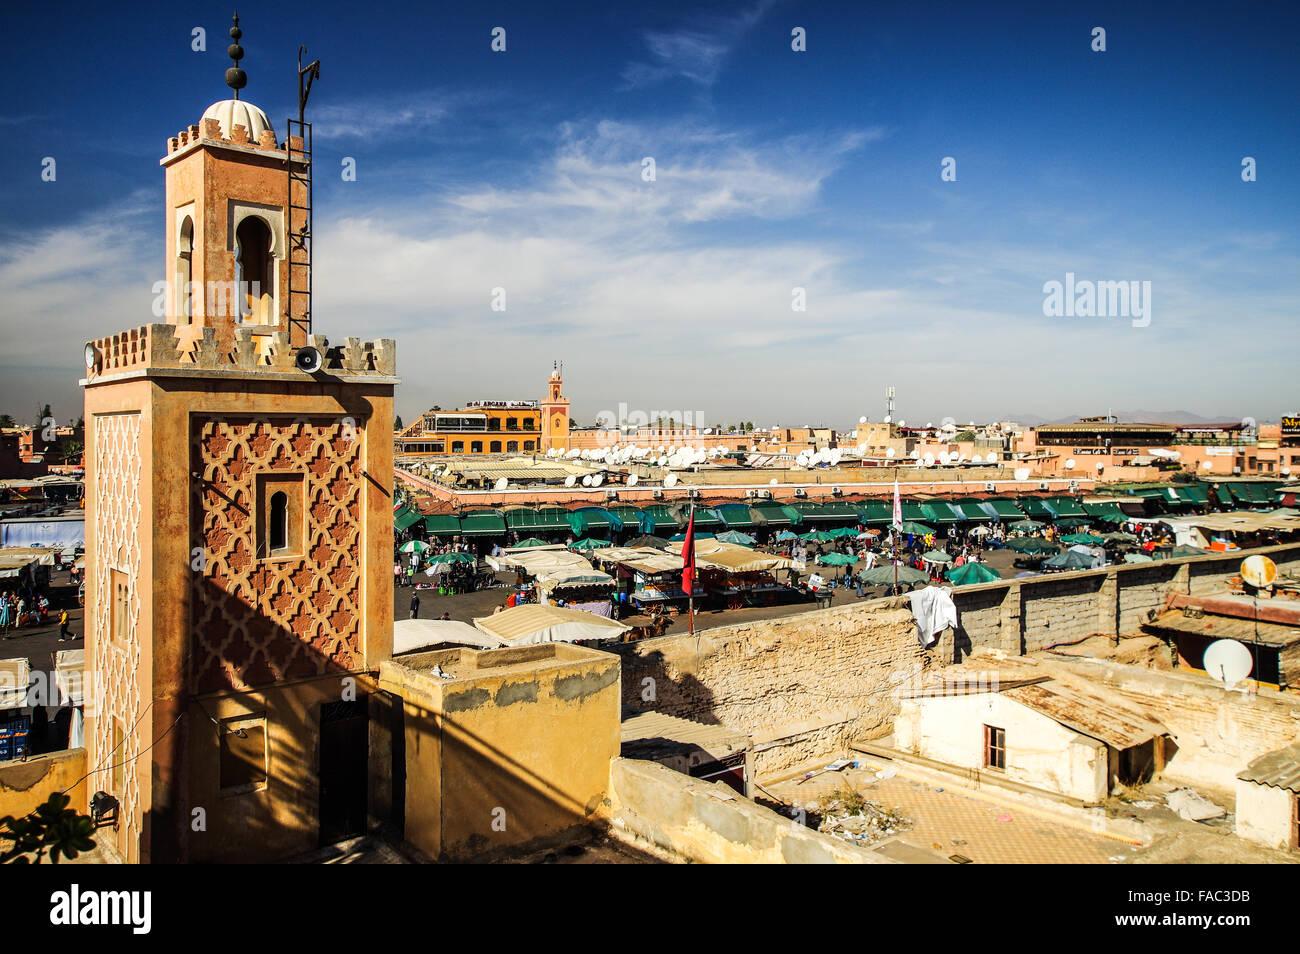 Minaret overlooking Jemaa el Fnaa square in Marrakech, Morocco - Stock Photo